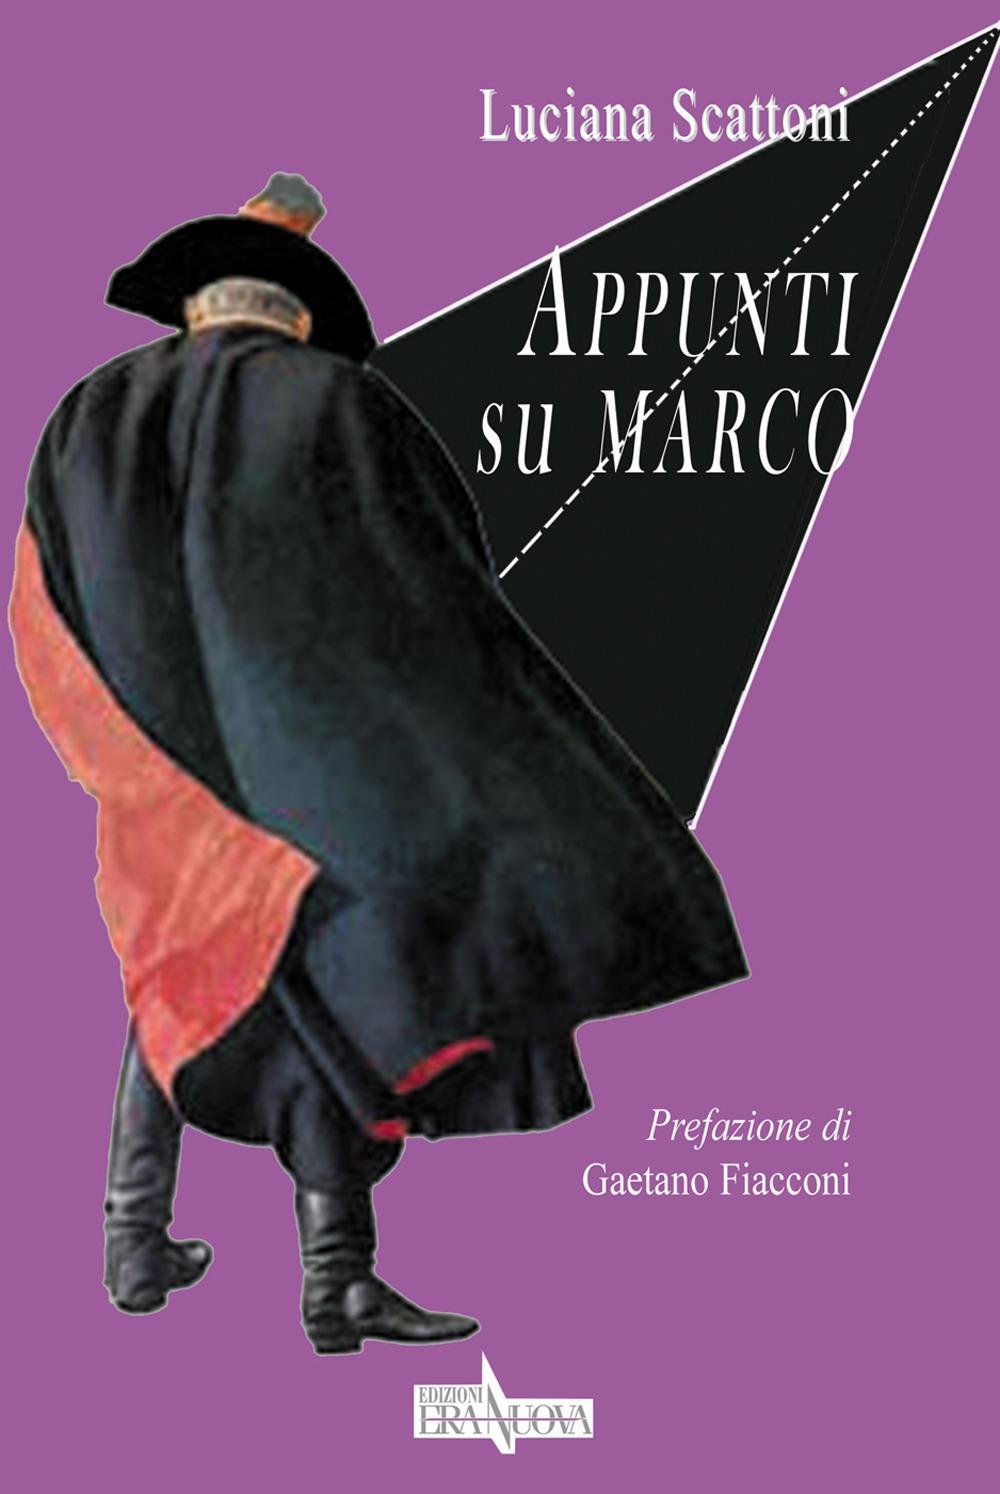 Appunti su Marco